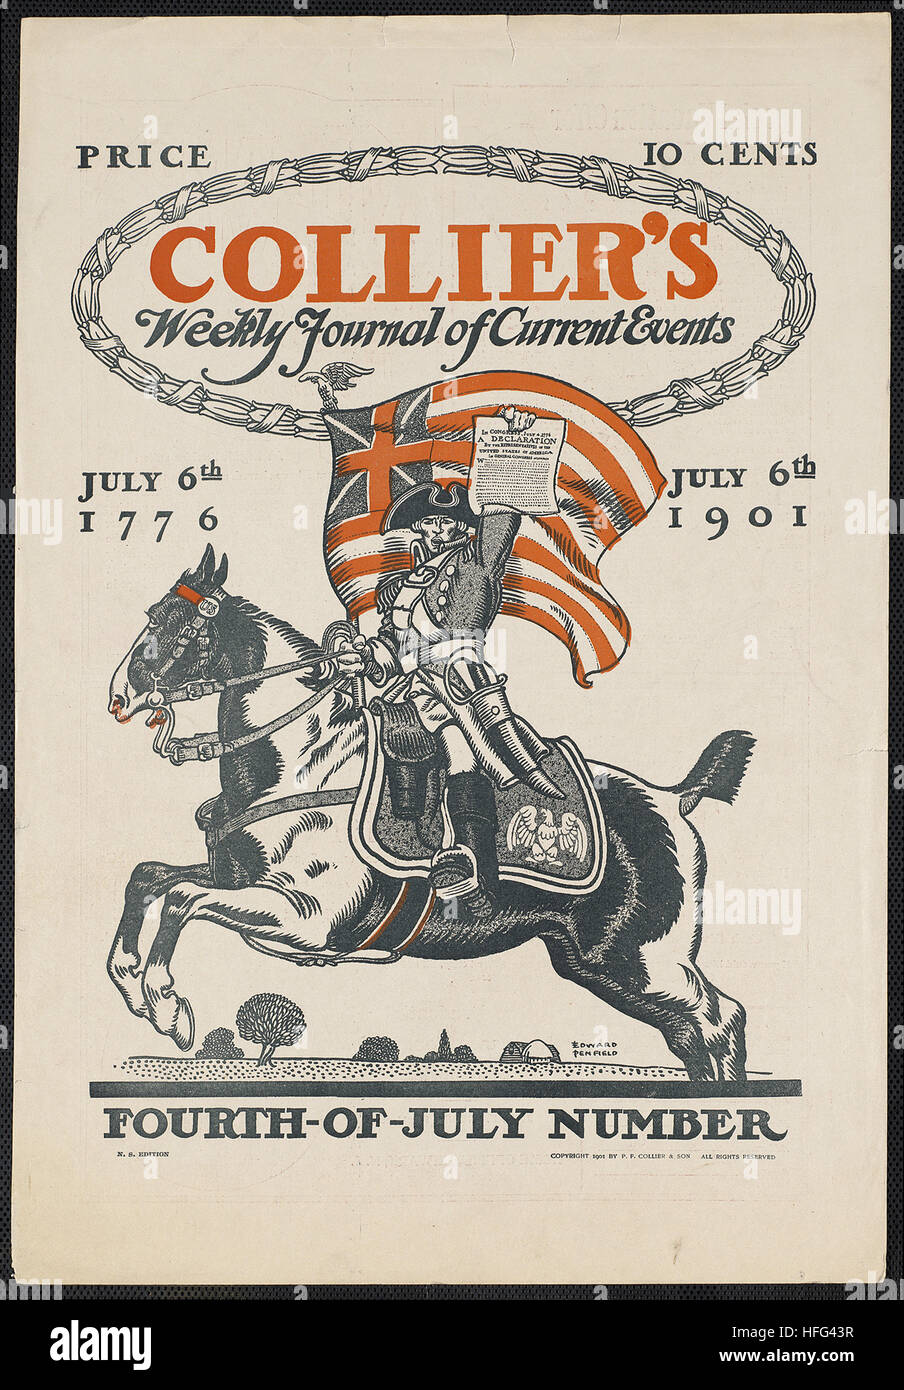 Collier's giornale settimanale degli eventi attuali, quarto-di-numero di luglio. Luglio 6th, 1776, 6 luglio Immagini Stock